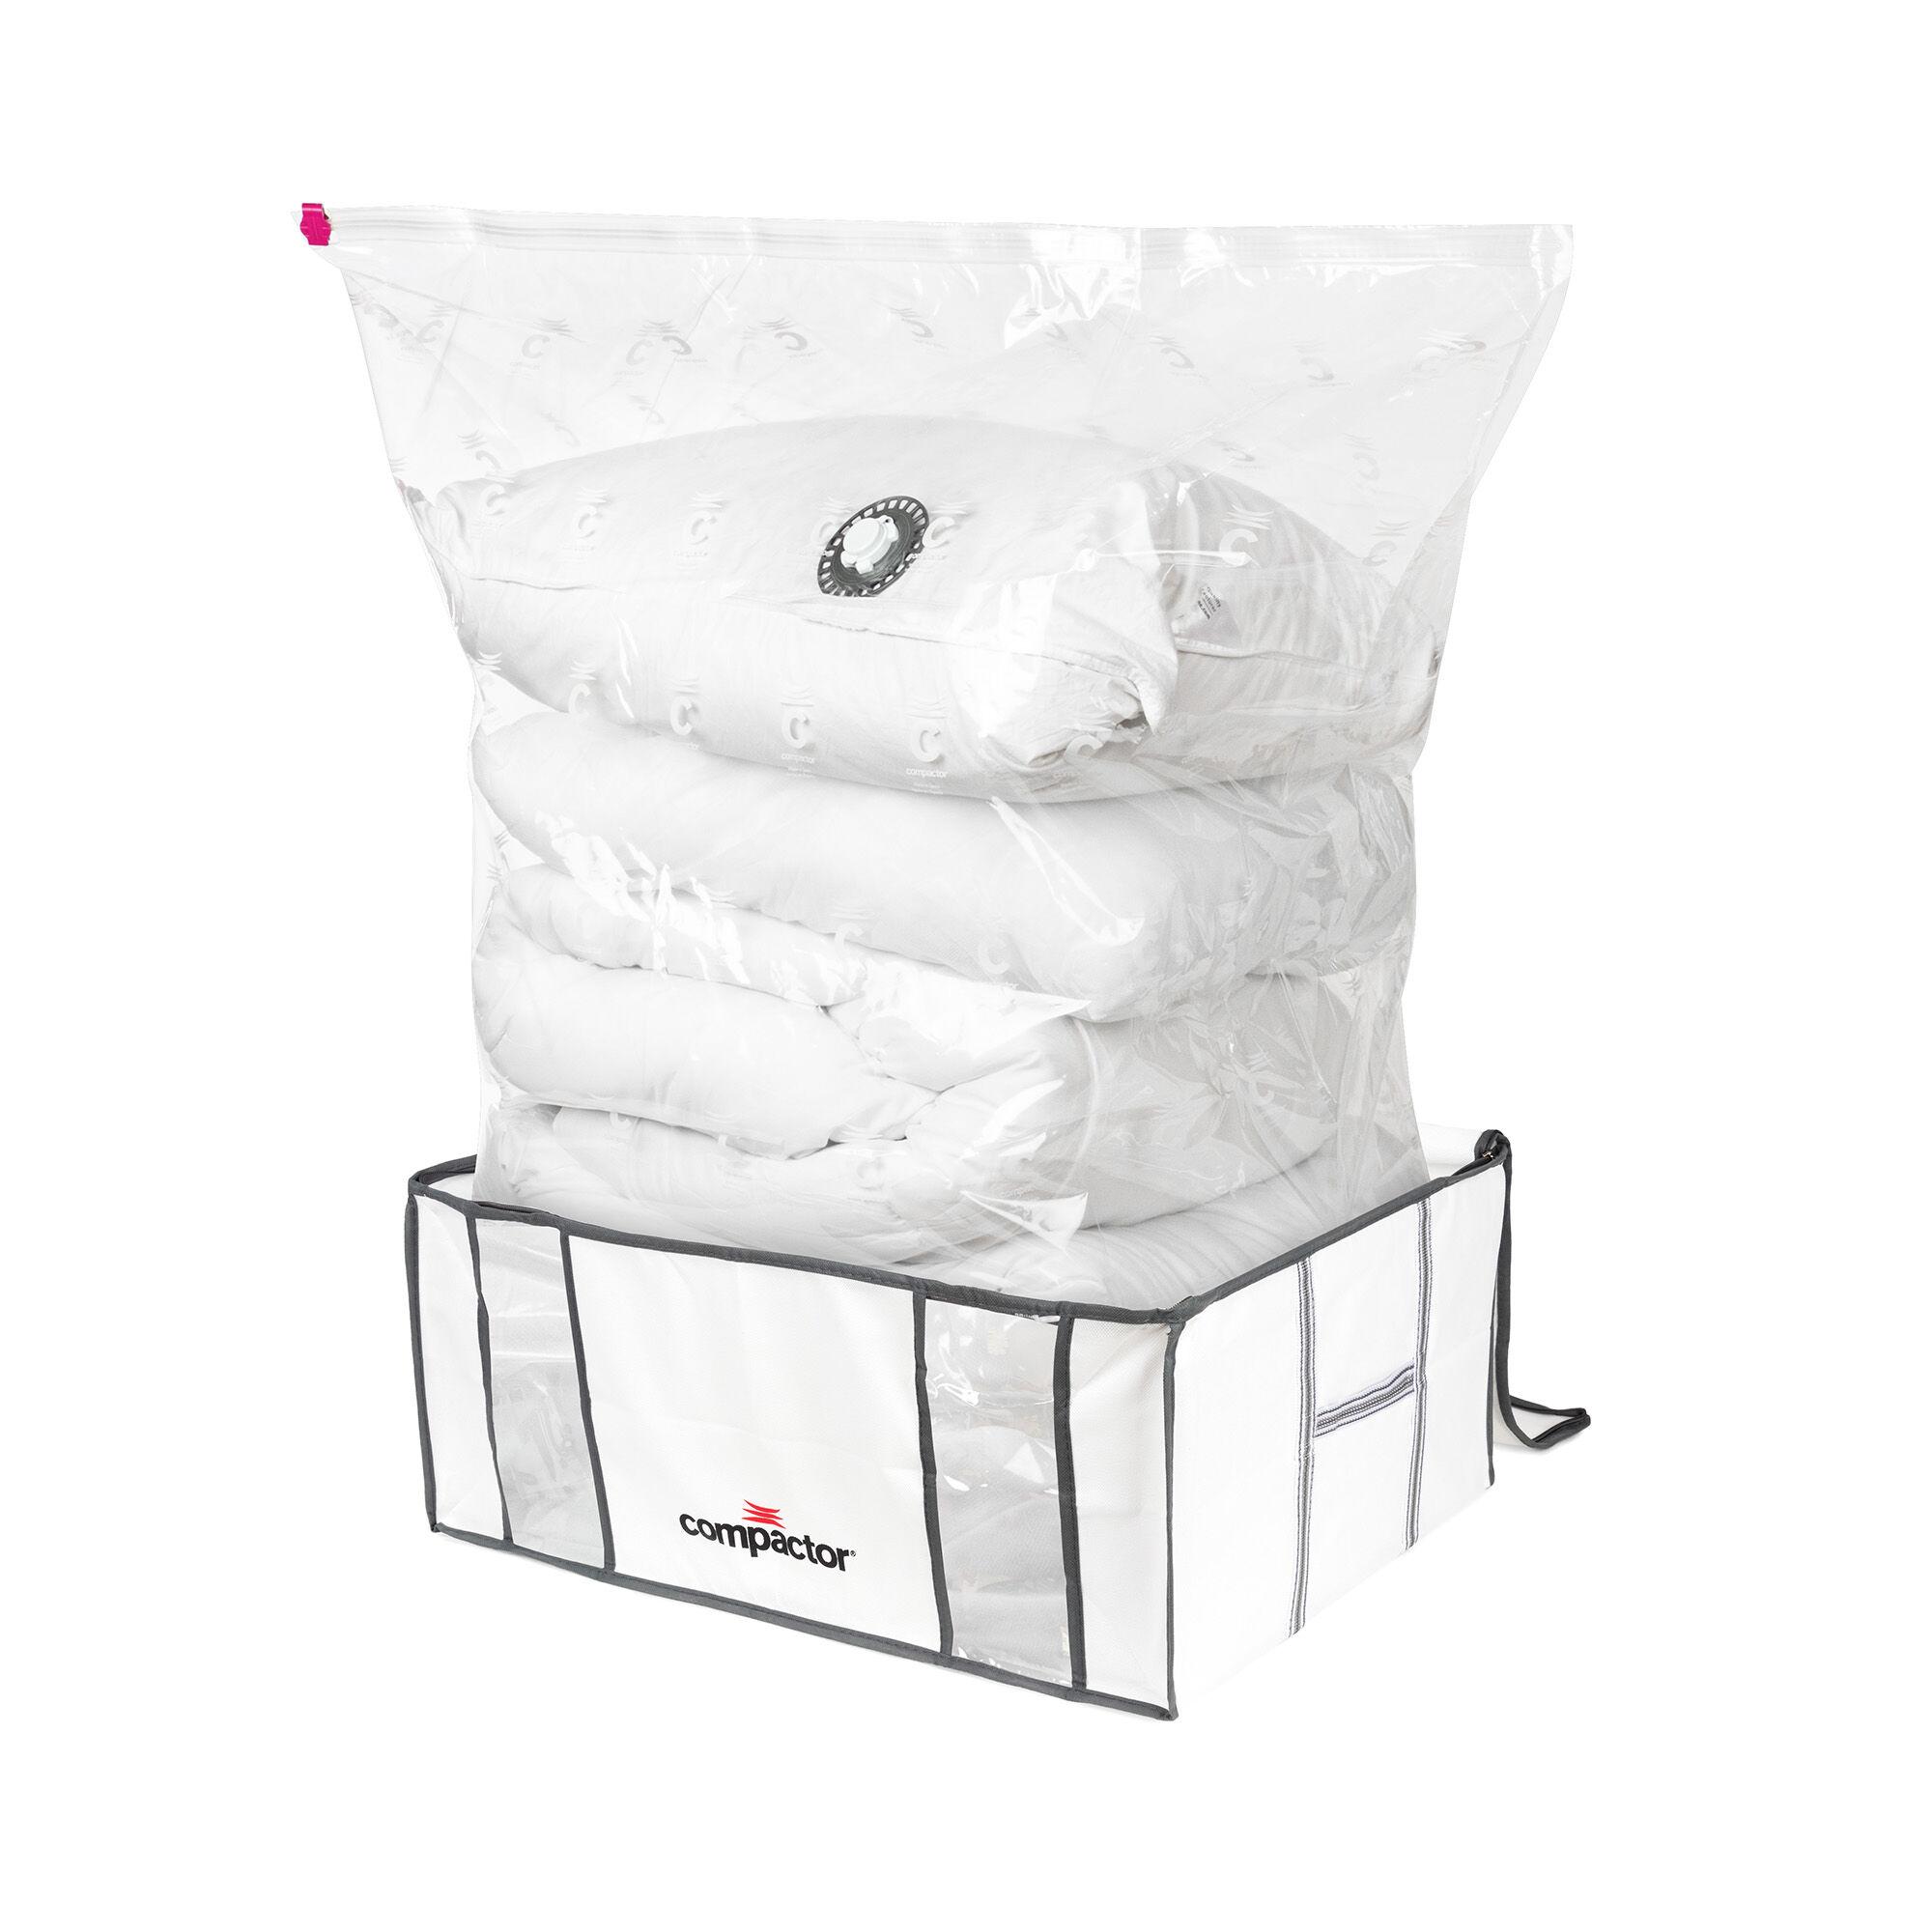 Compactor Housse de rangement sous vide - Lot de 2